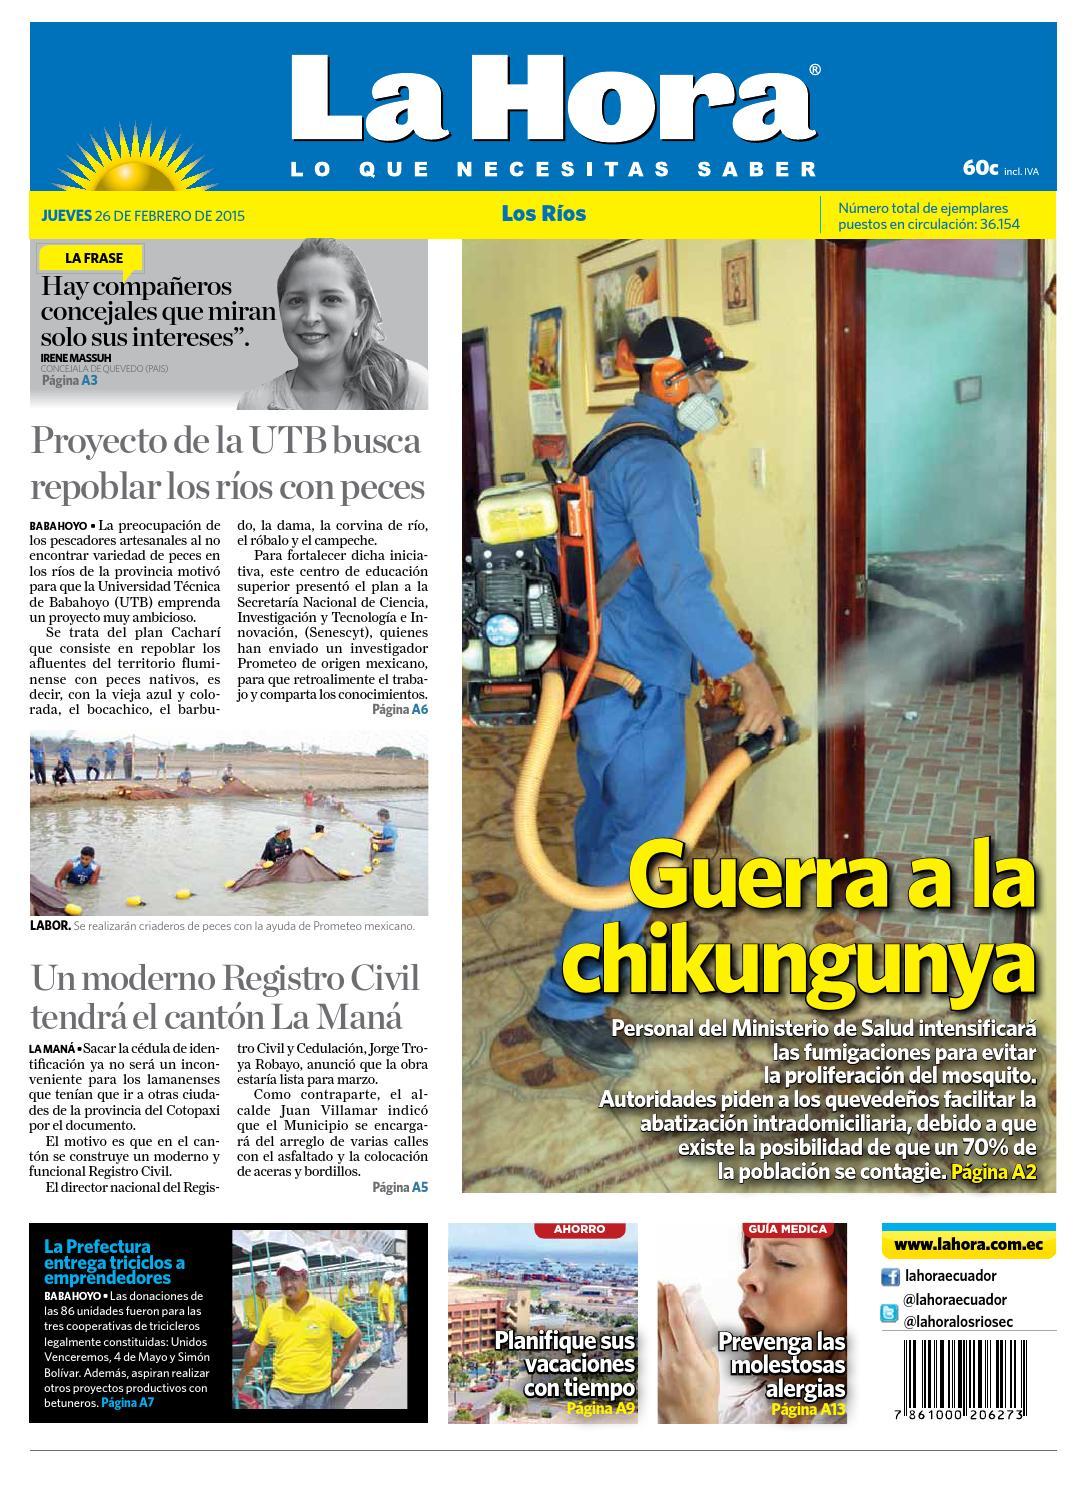 los r237os 26 febrero 2015 by diario la hora ecuador issuu